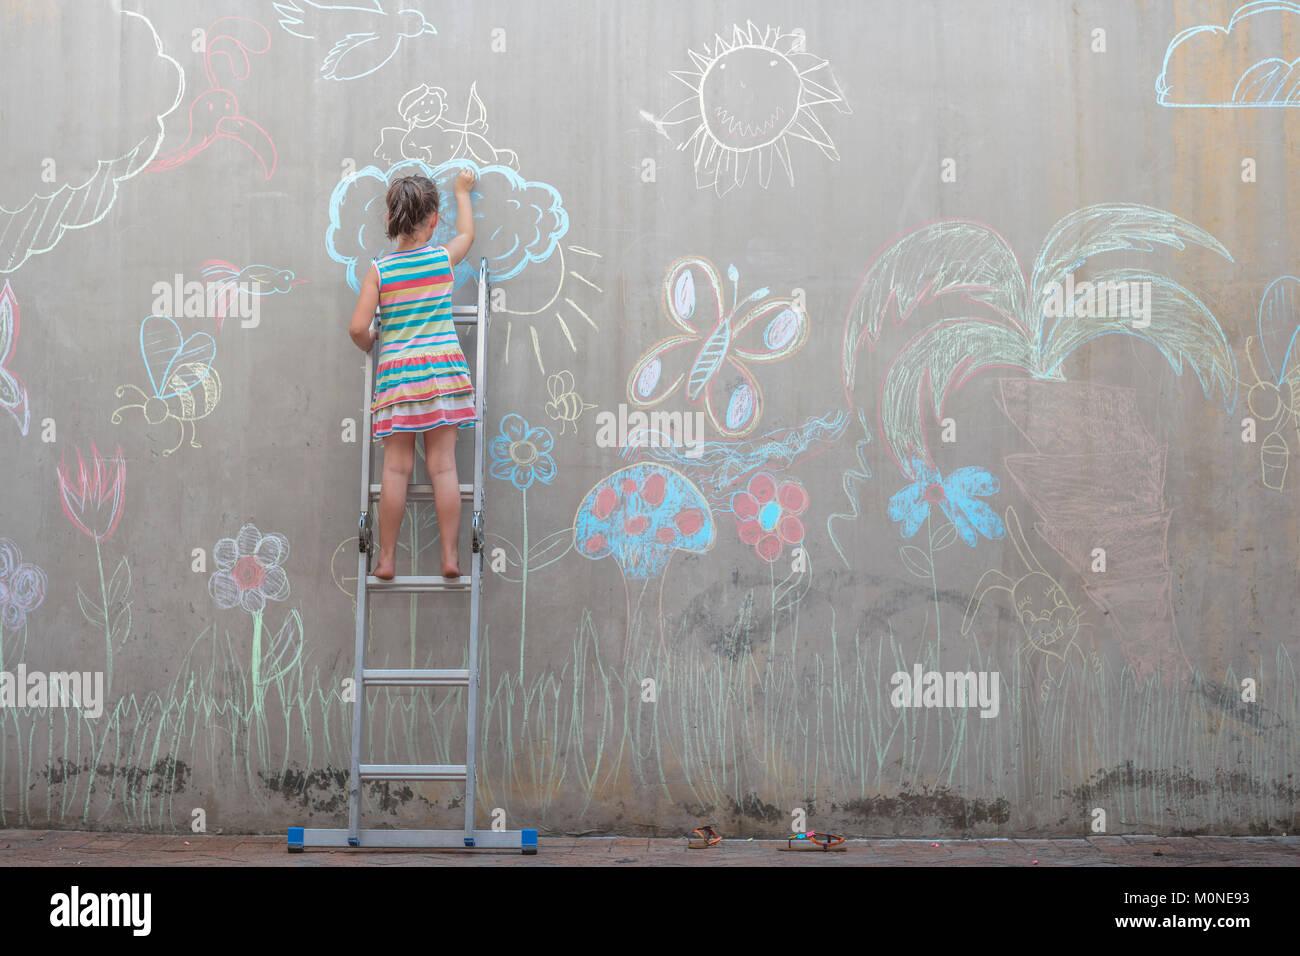 Niña de pie en la escalera coloridas imágenes de dibujo con tiza en una pared de hormigón Imagen De Stock